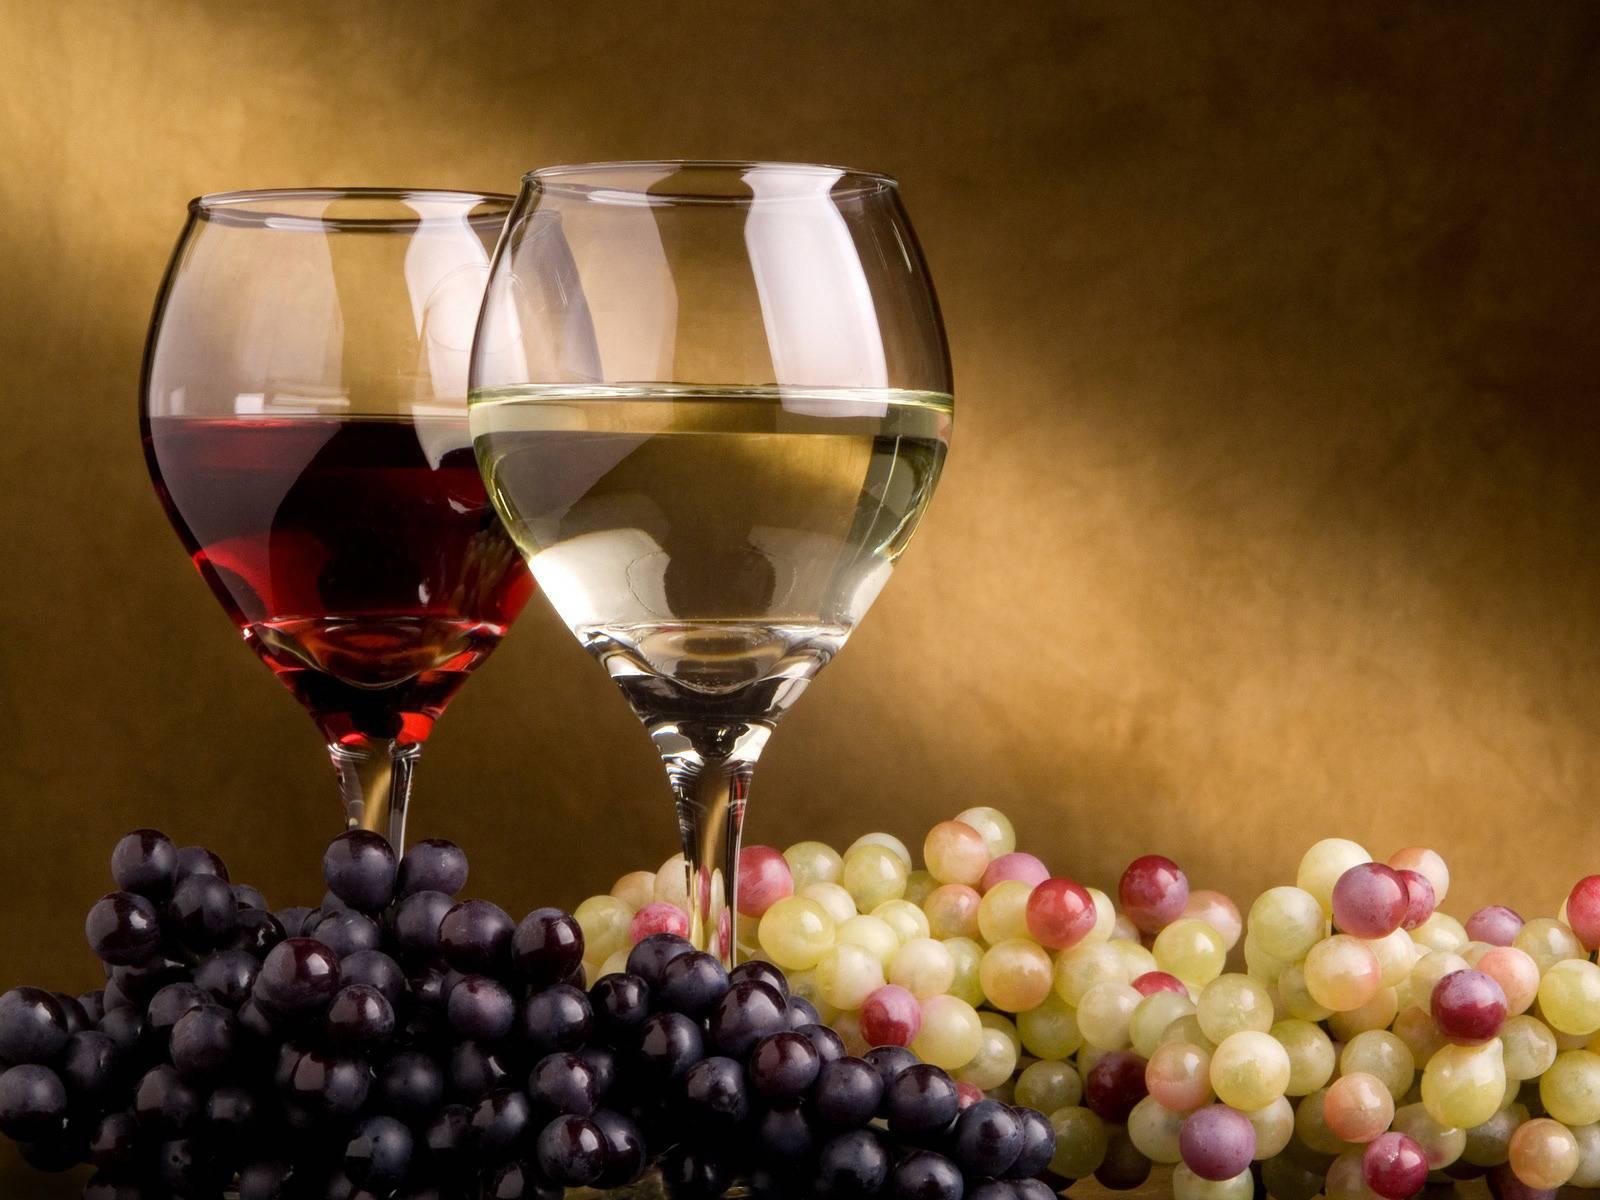 красное и белое вино и виноград, скачать фото, обои для рабочего стола